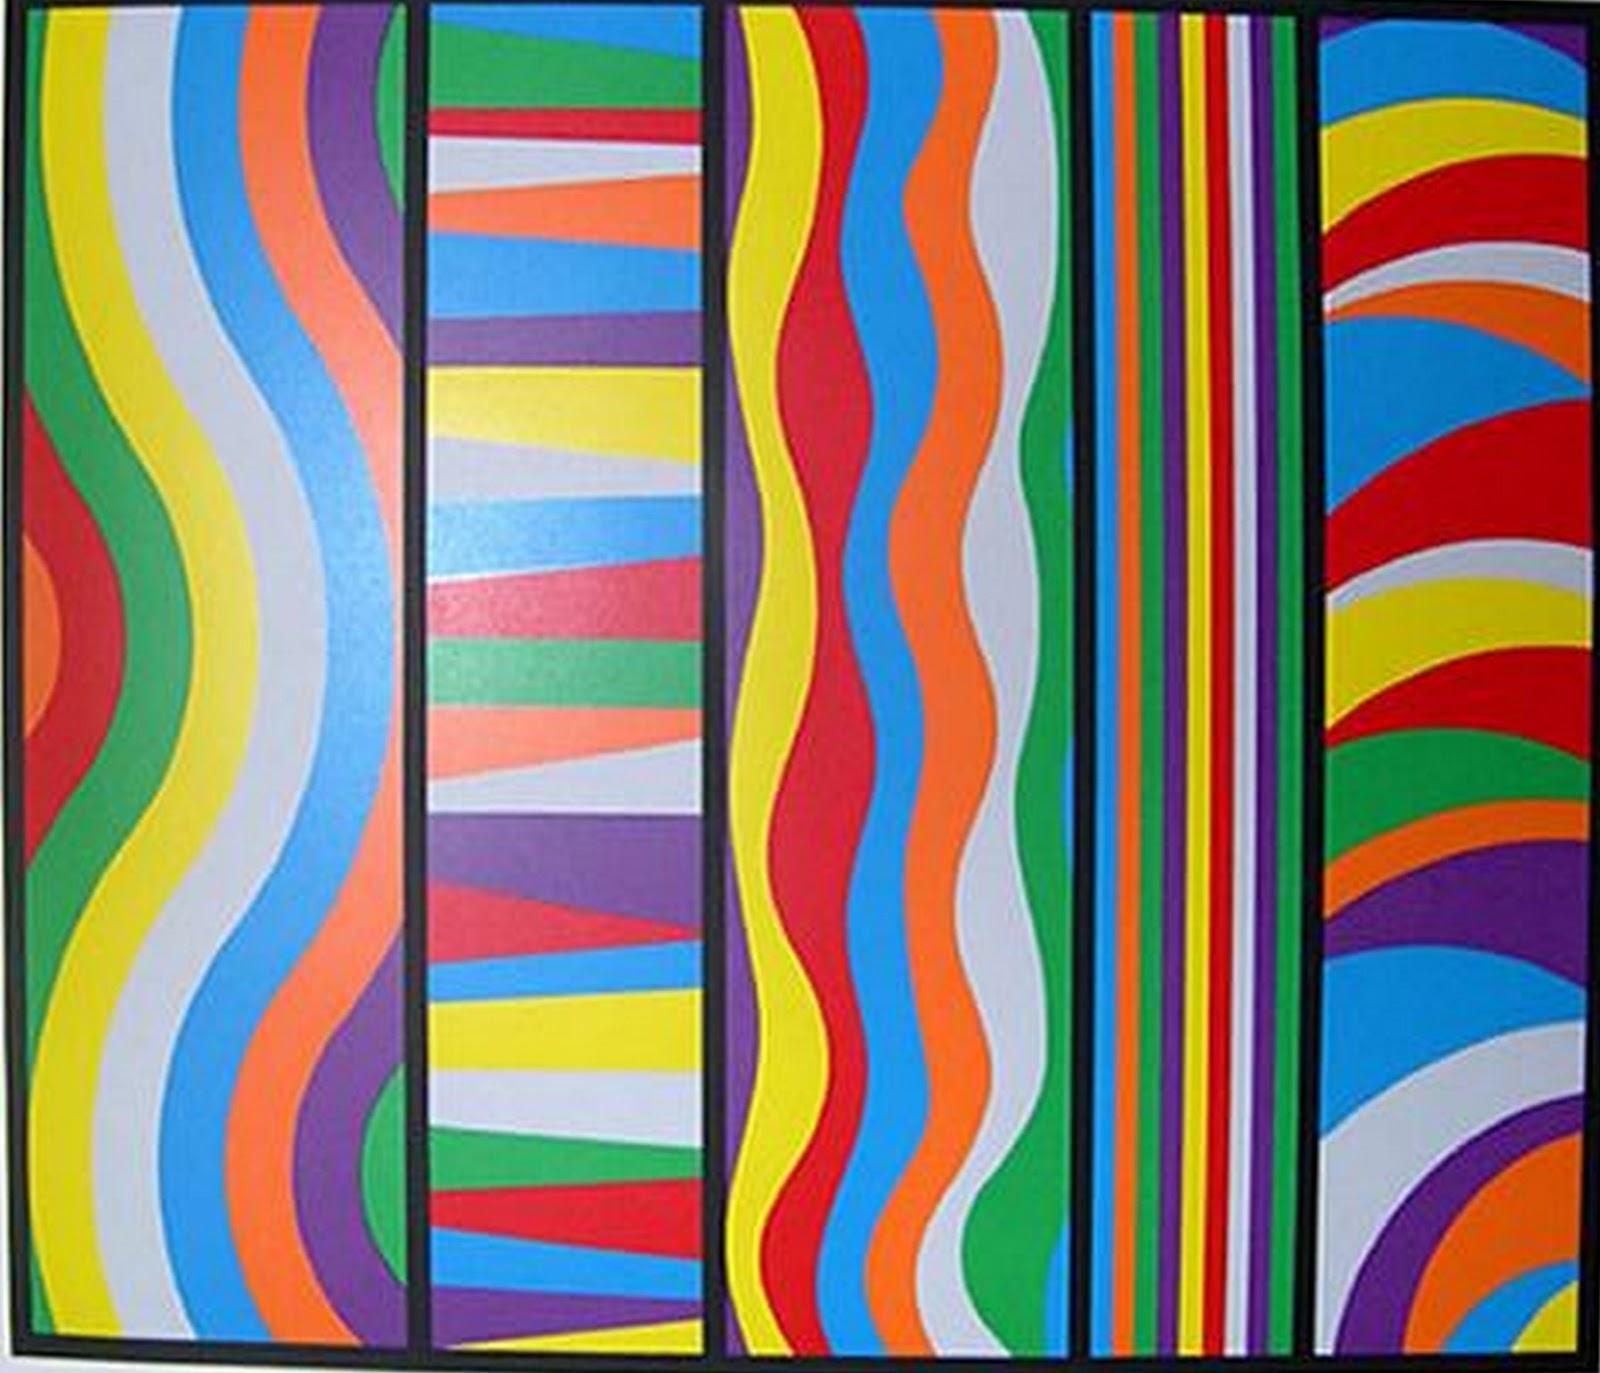 Pintura moderna y fotograf a art stica arte minimalista for Imagenes de cuadros abstractos faciles